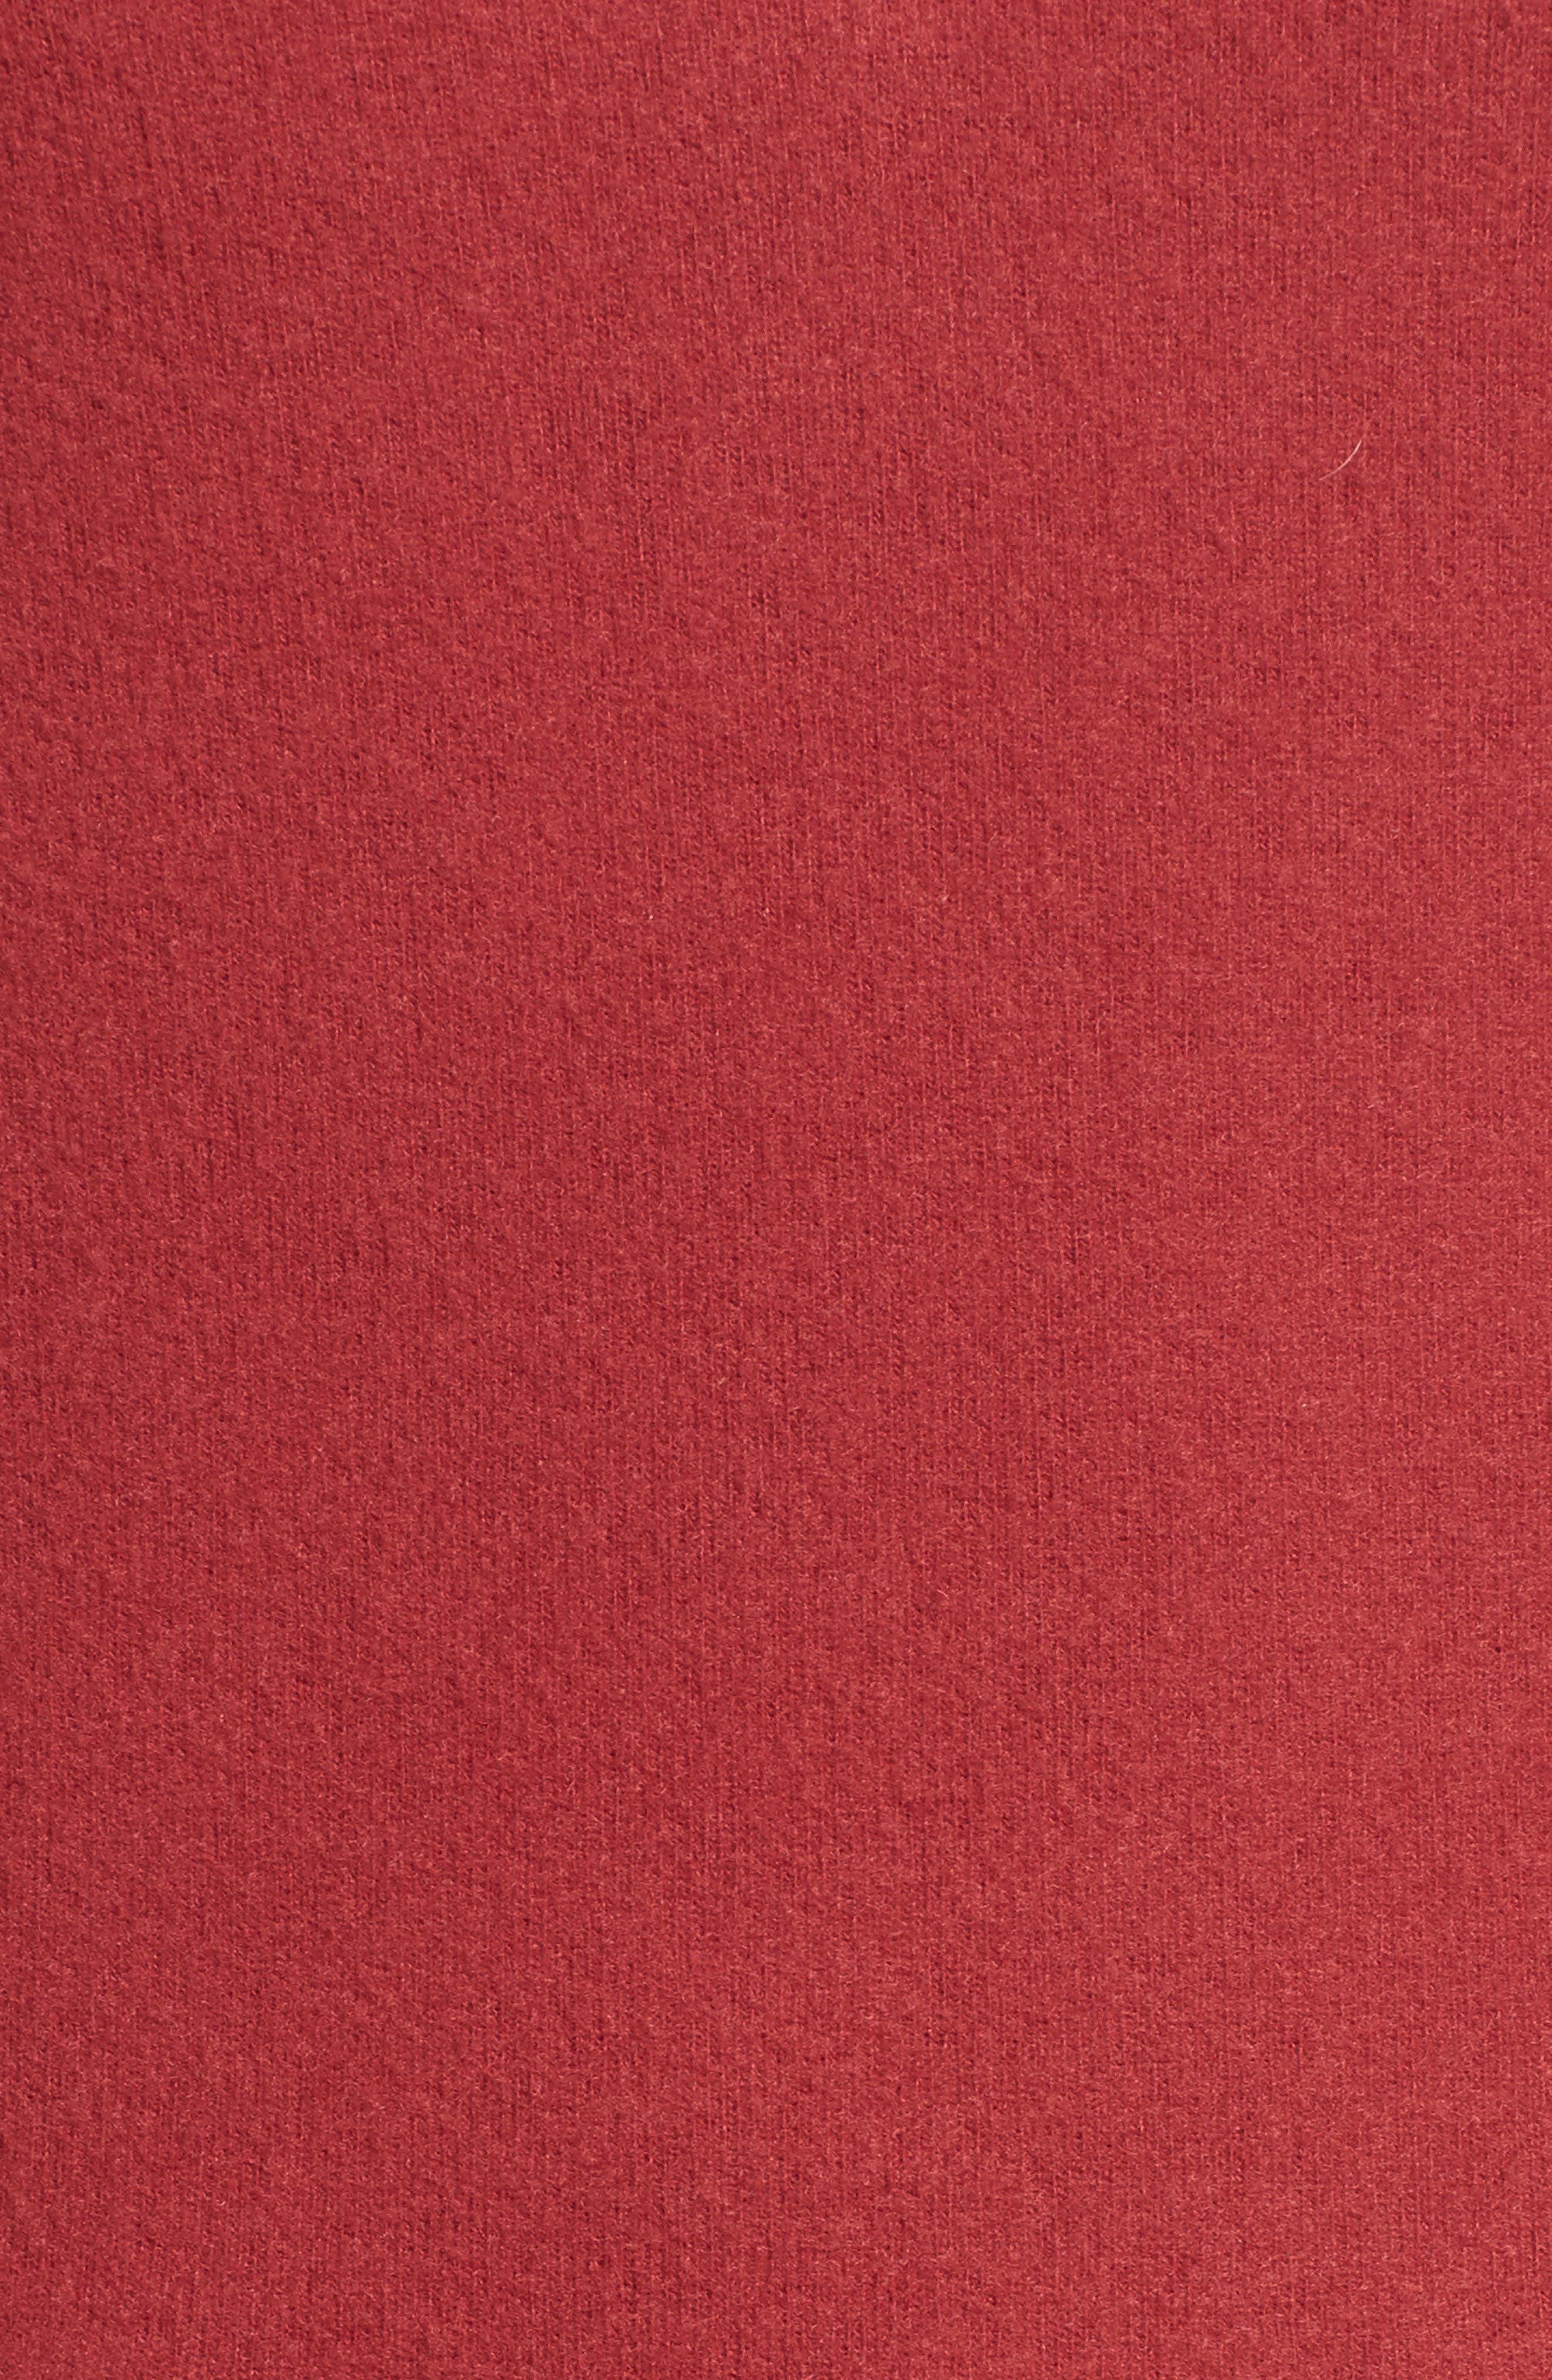 V-Neck Pullover,                             Alternate thumbnail 44, color,